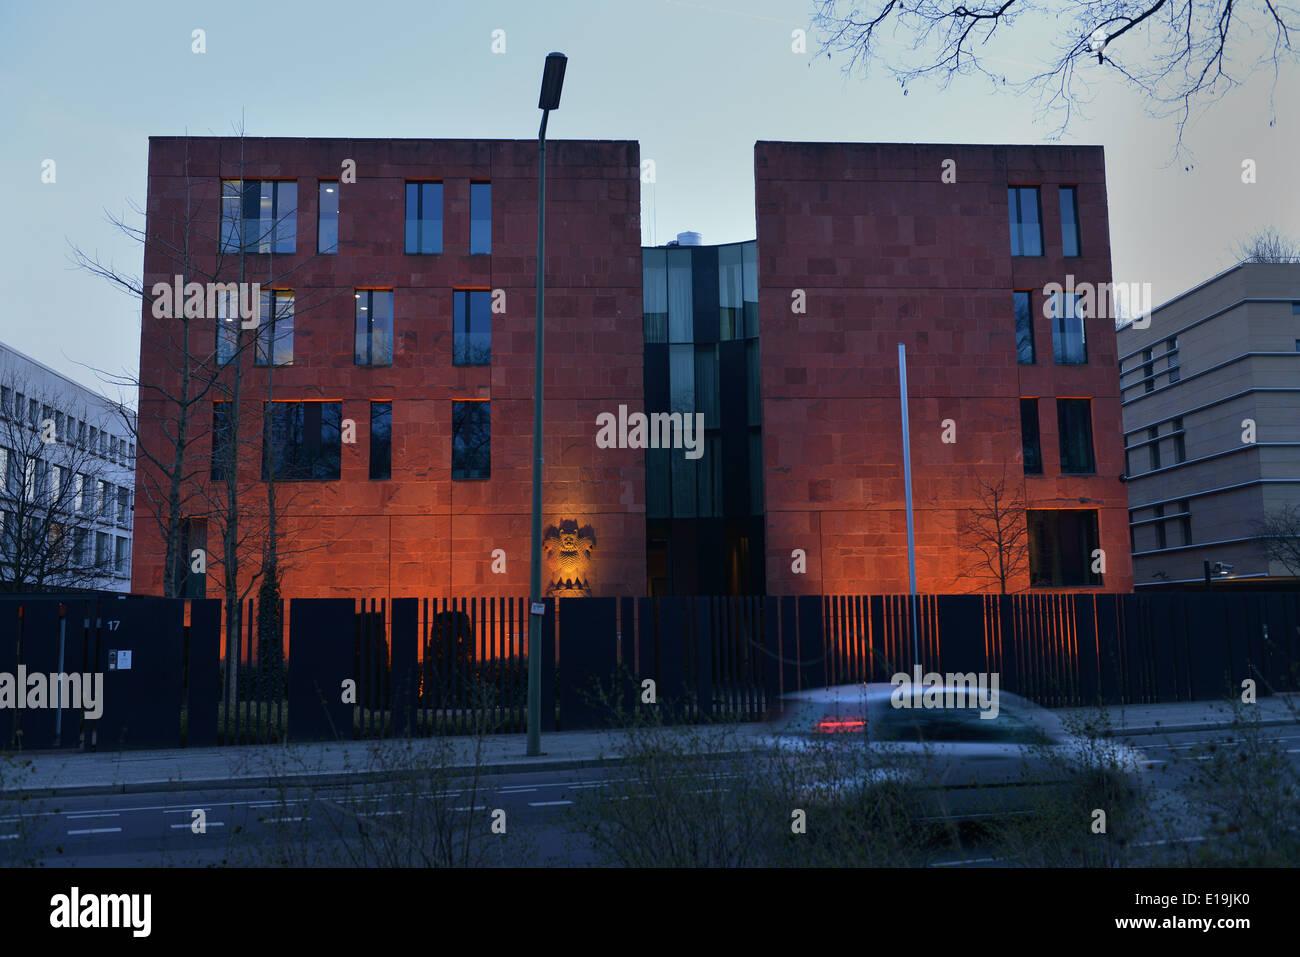 Botschaft Indien,Tiergartenstrasse, Tiergarten, Berlin, Deutschland Stock Photo